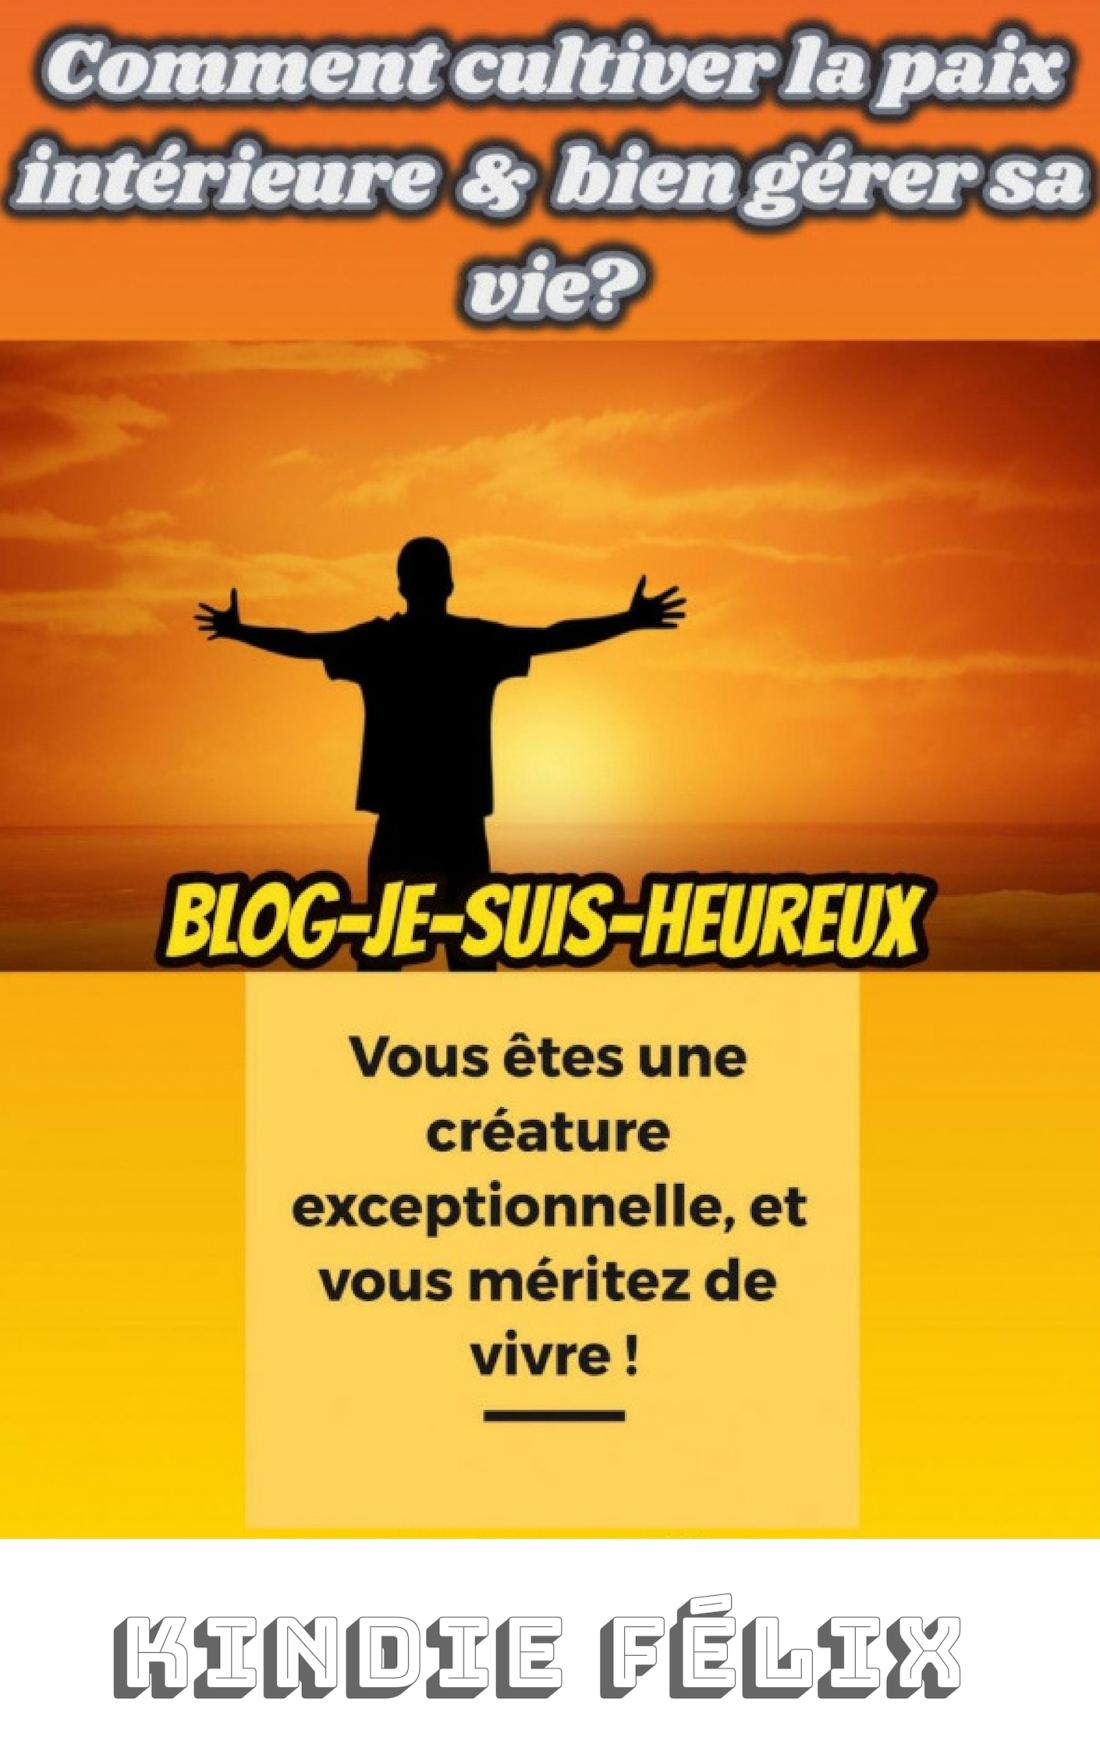 Blog-je-suis-heureux_liberté.1